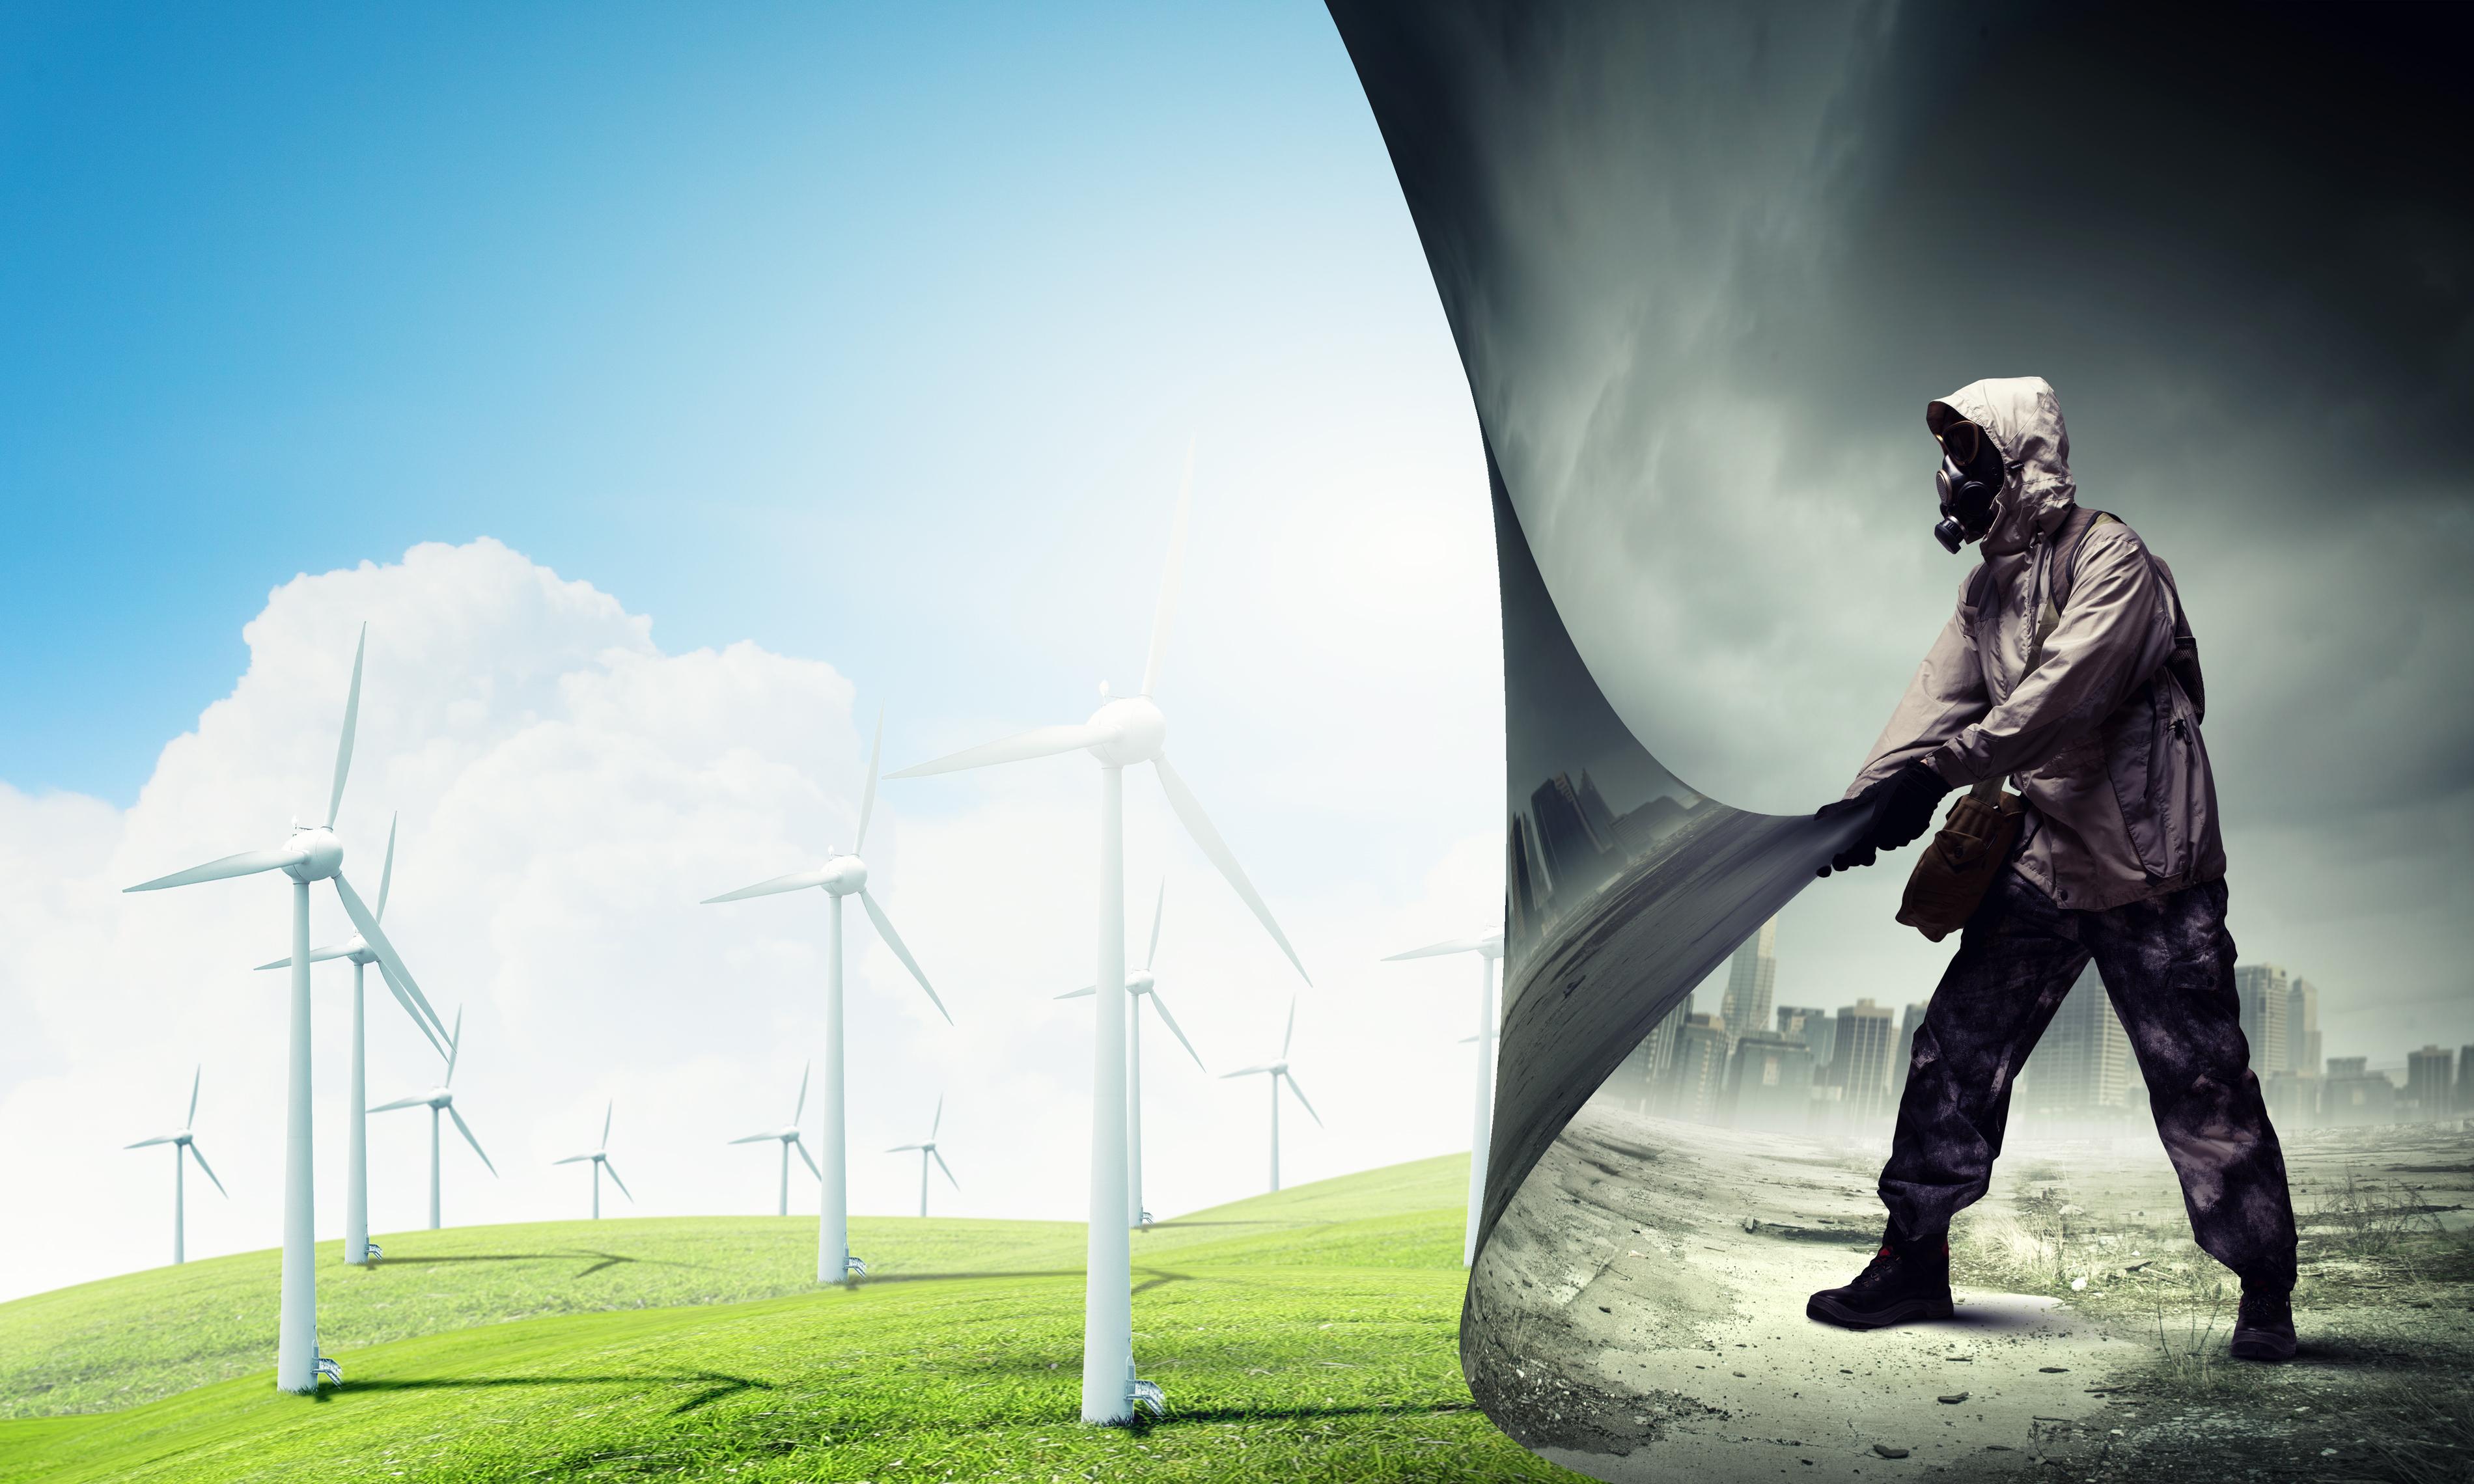 Obras sustentáveis - Emissão de Gases